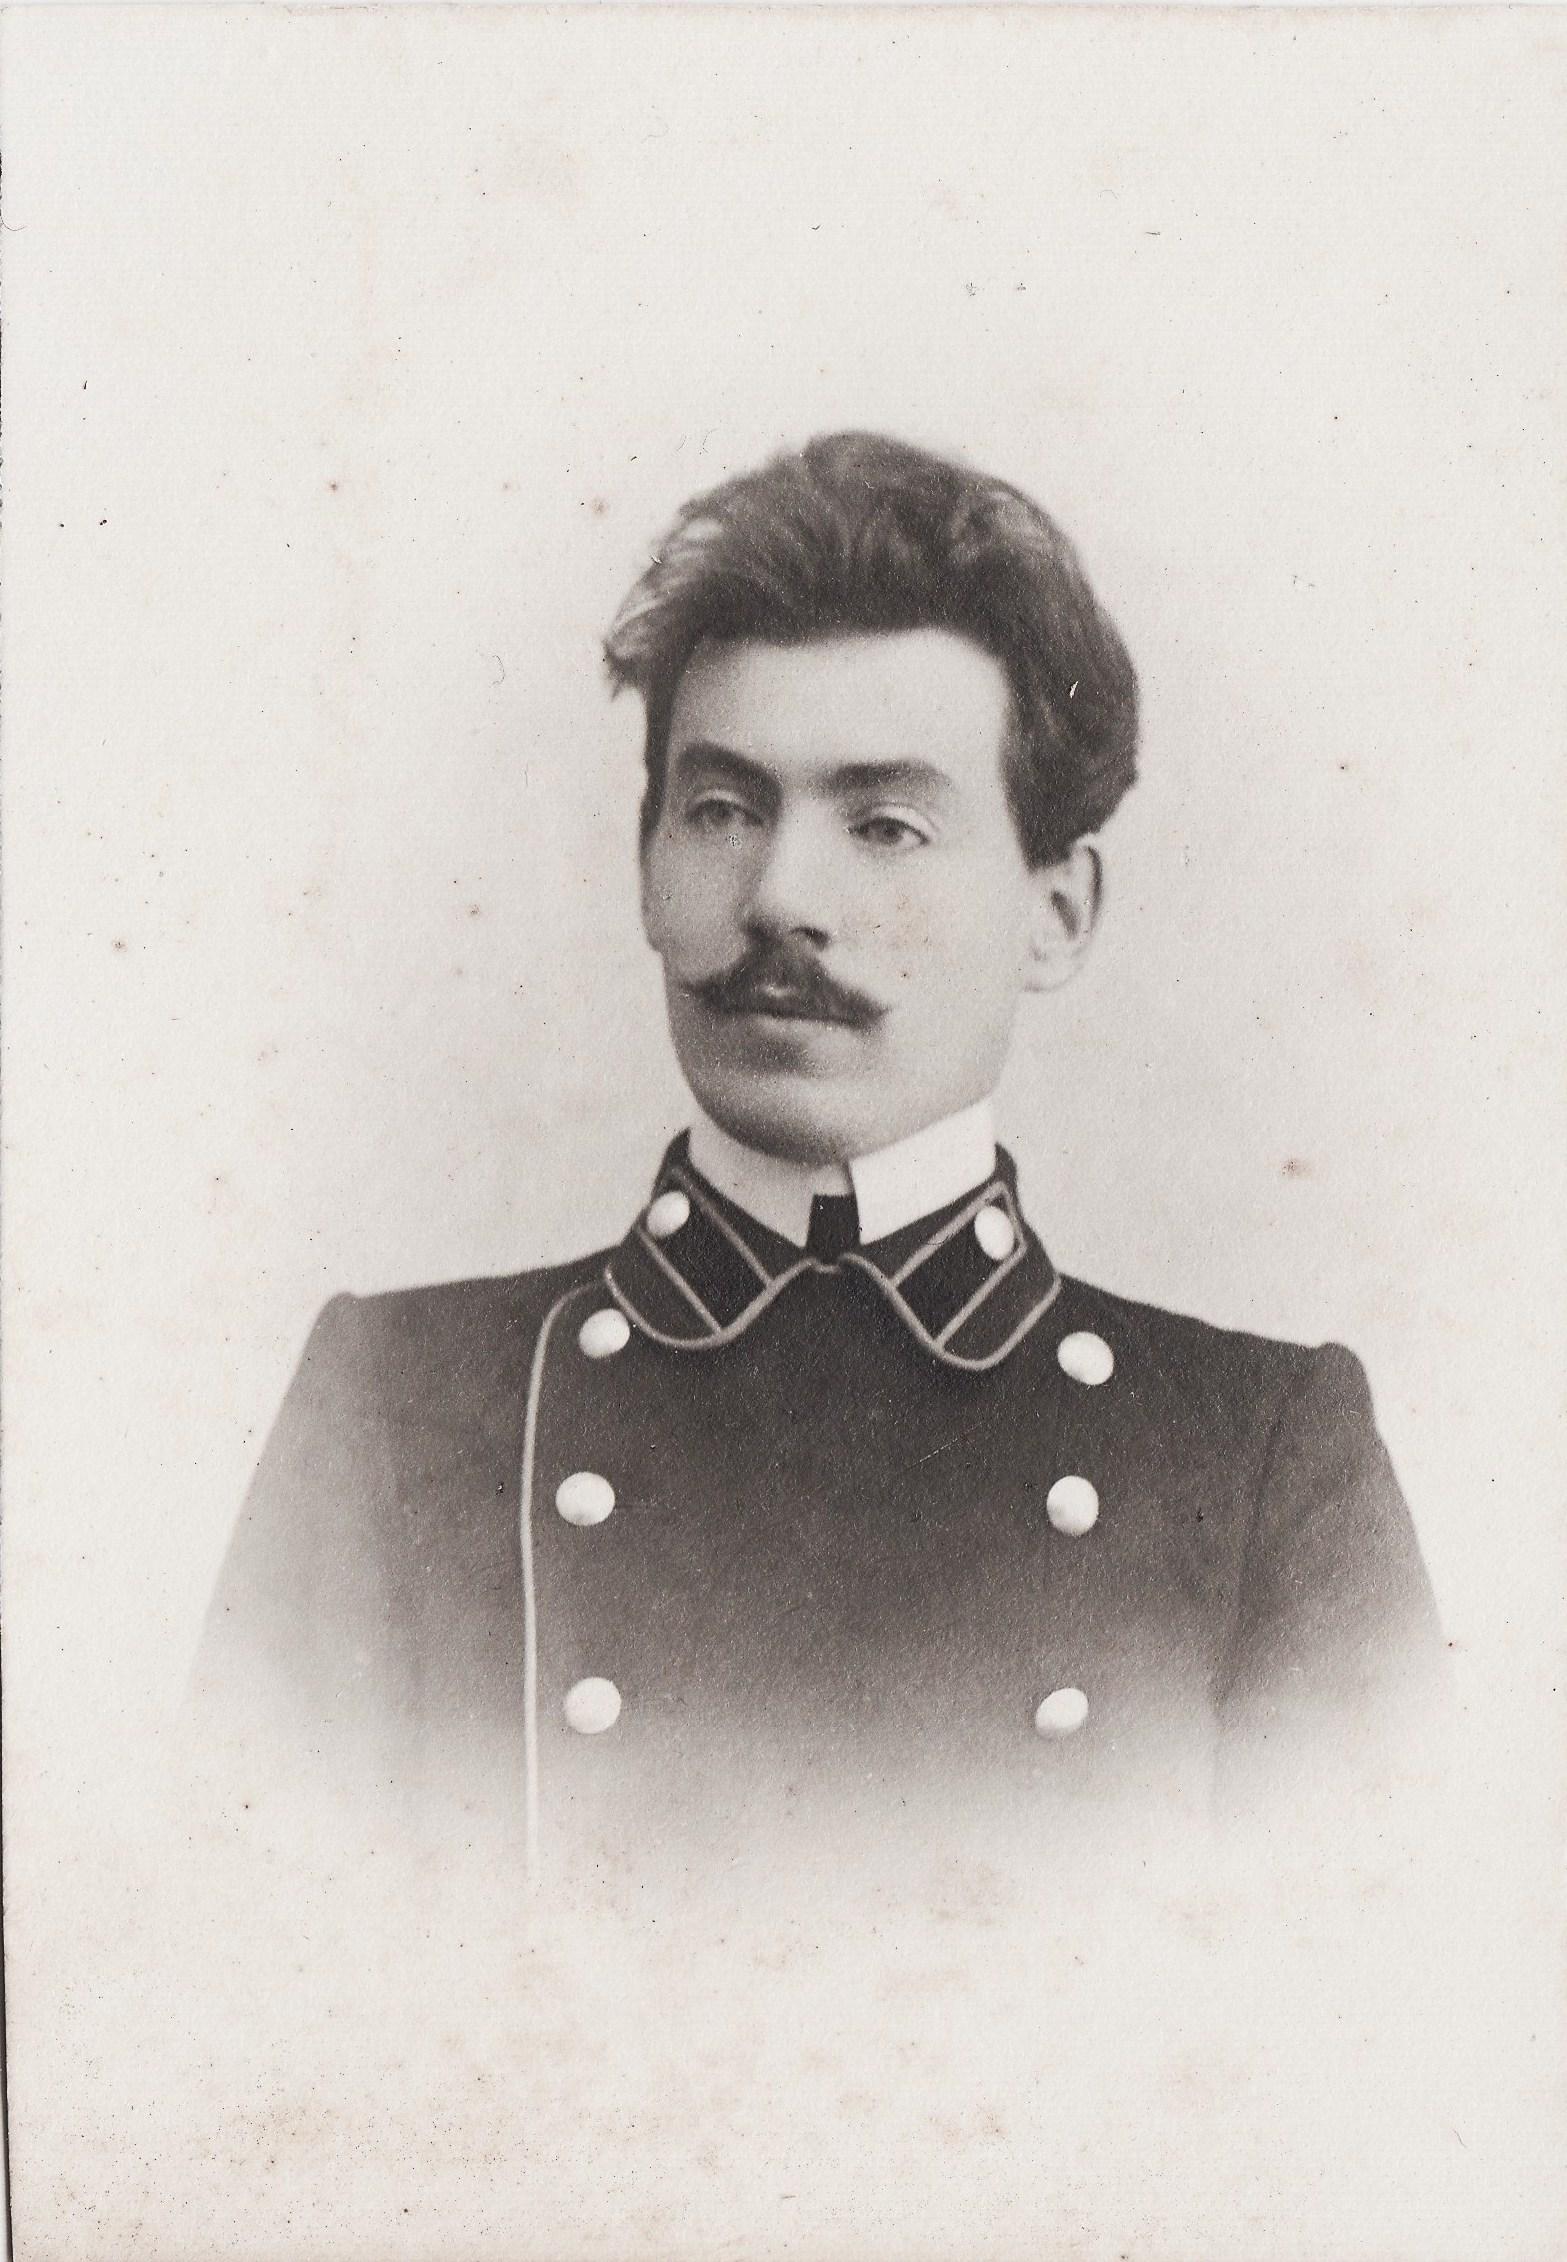 Студент Никольский Иван Петрович. I отделение разряд 2.